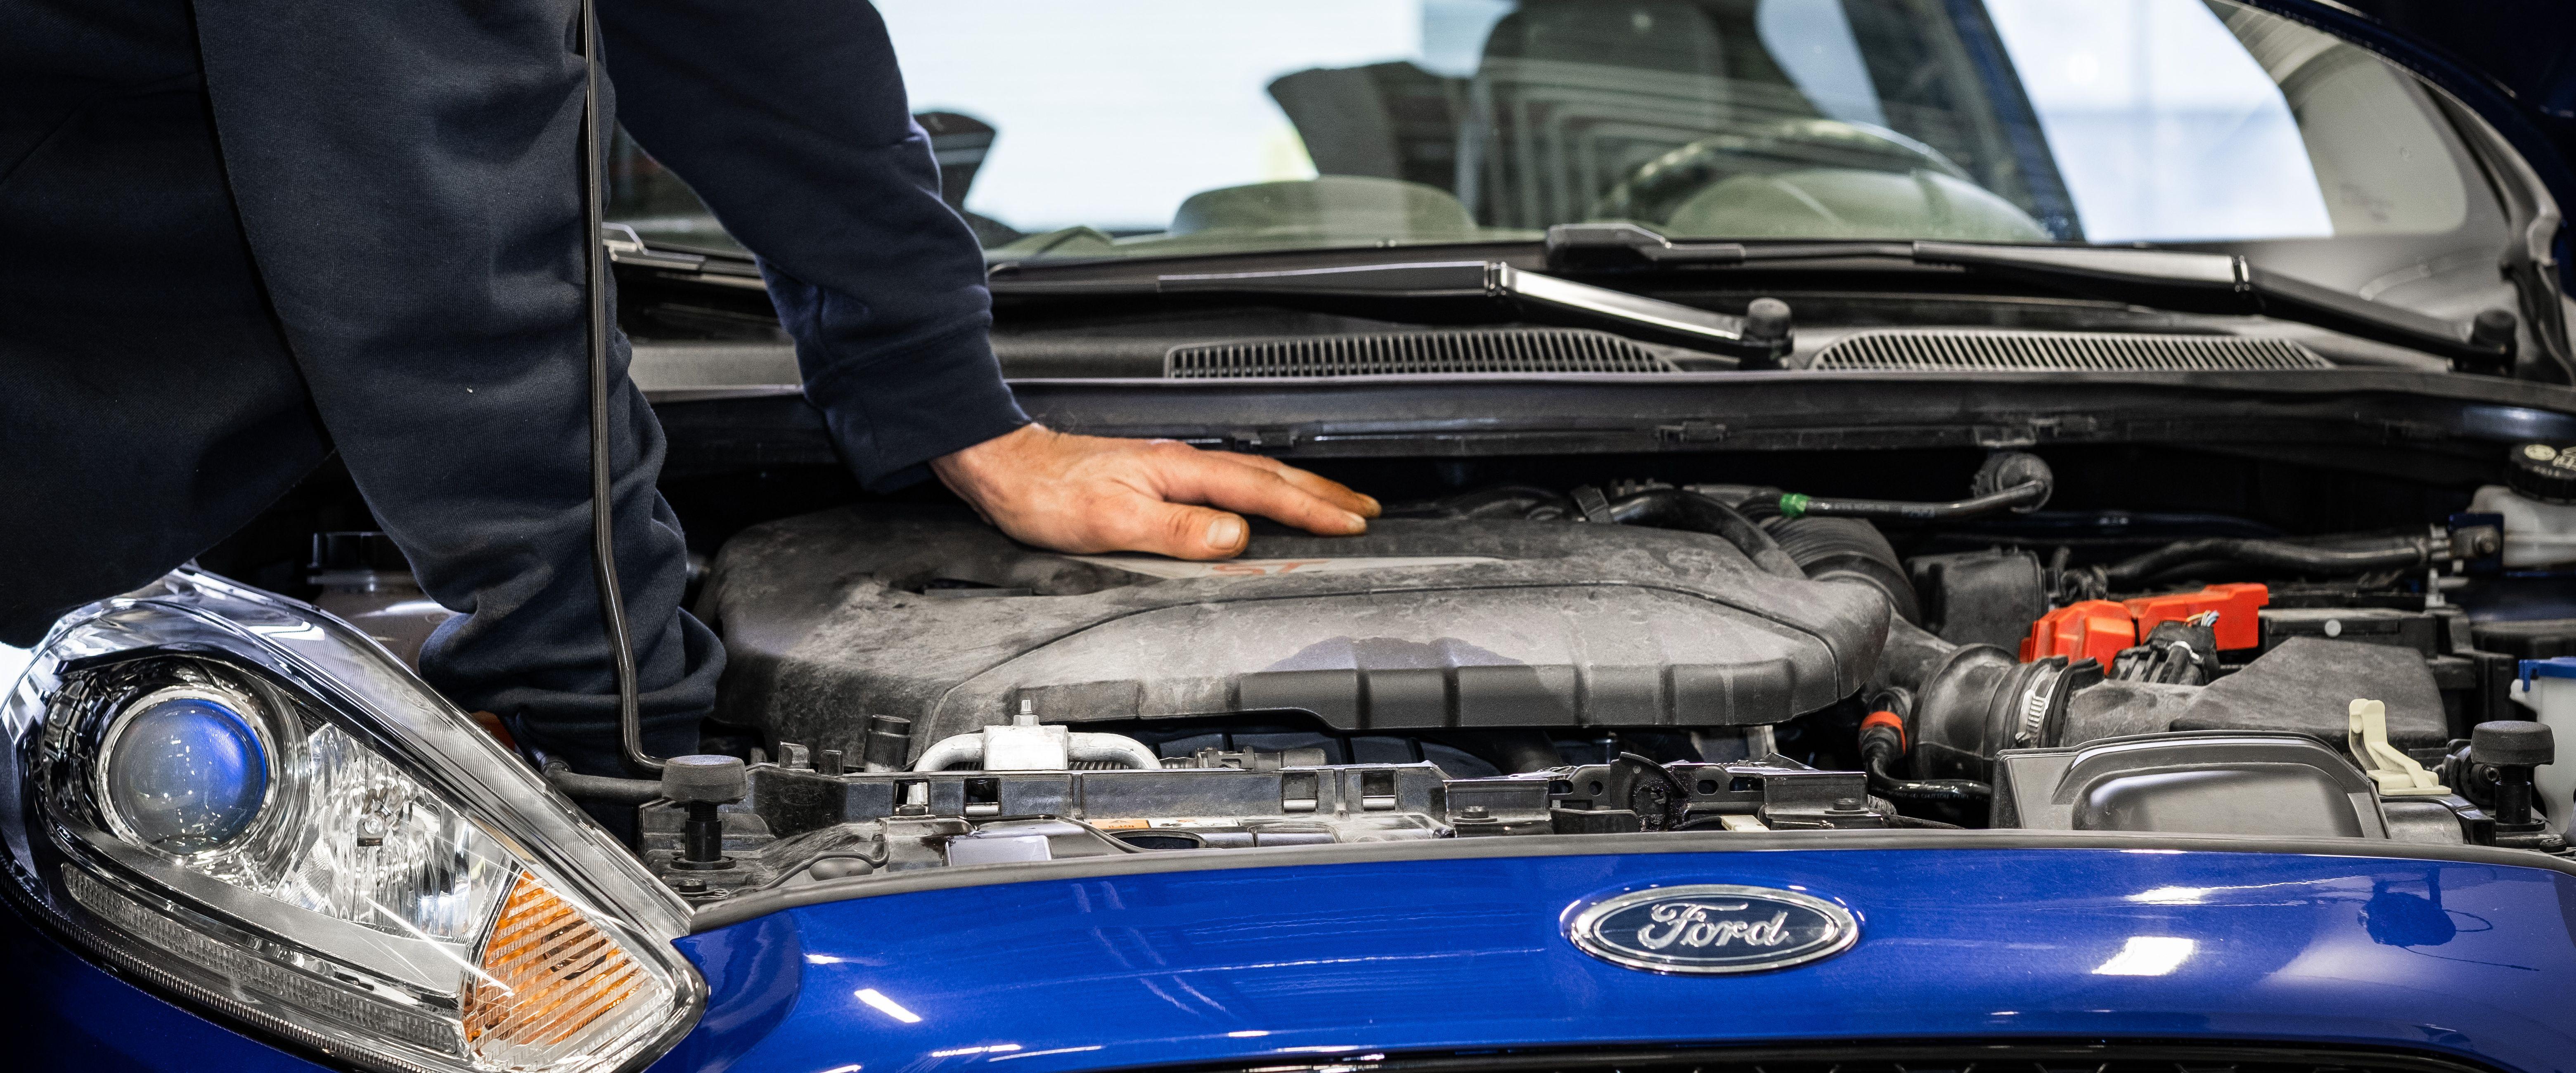 Mekaniker som skrur på motoren på en Ford